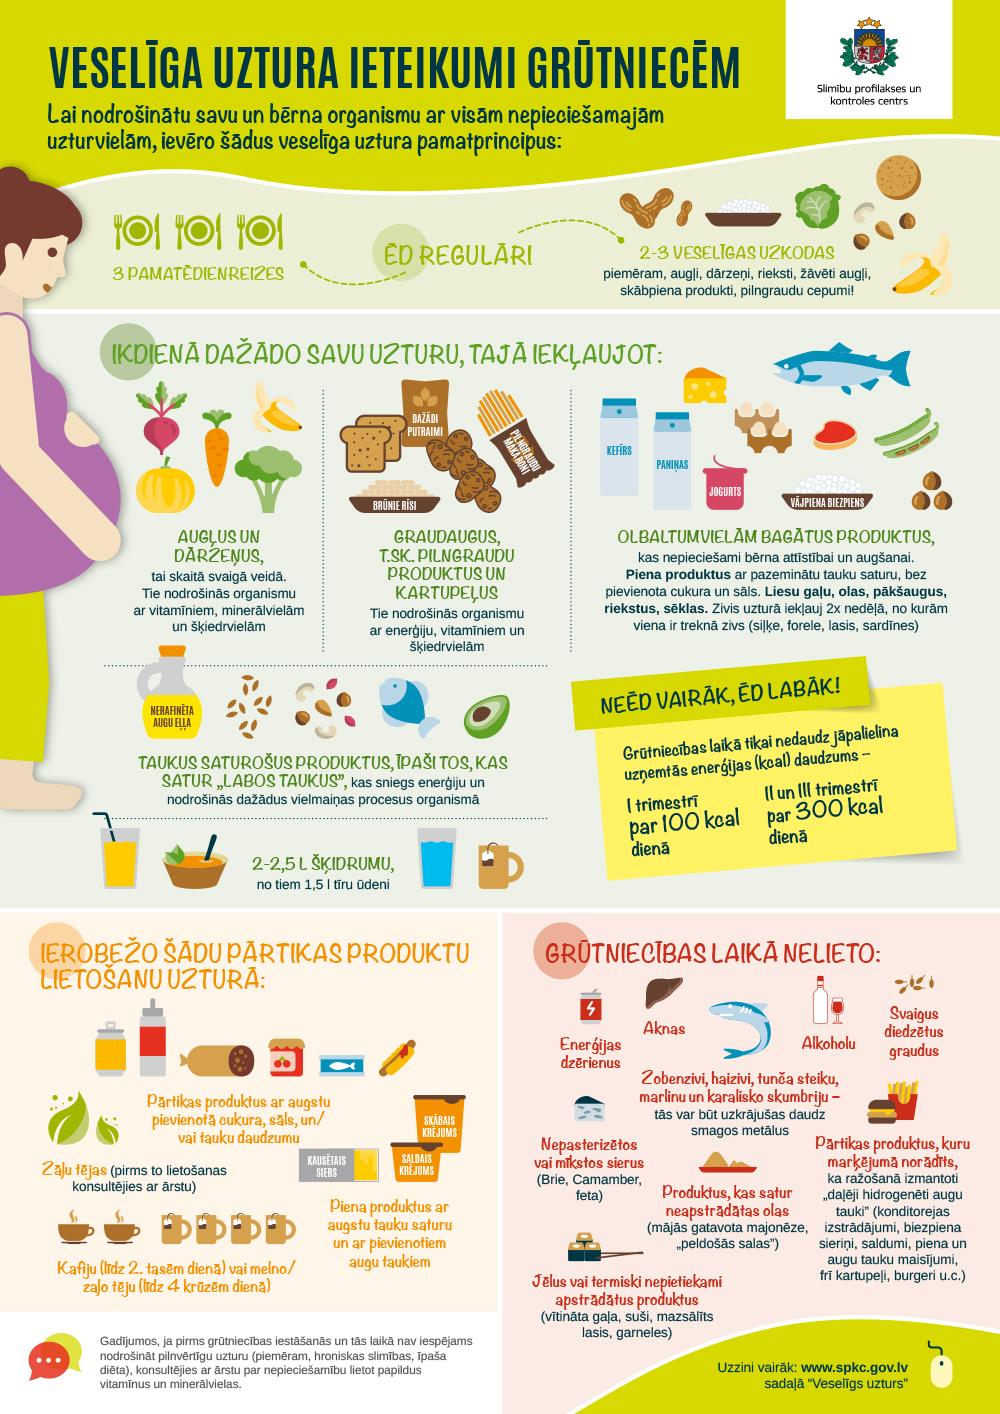 Veselīga uztura ieteikumi grūtniecēm